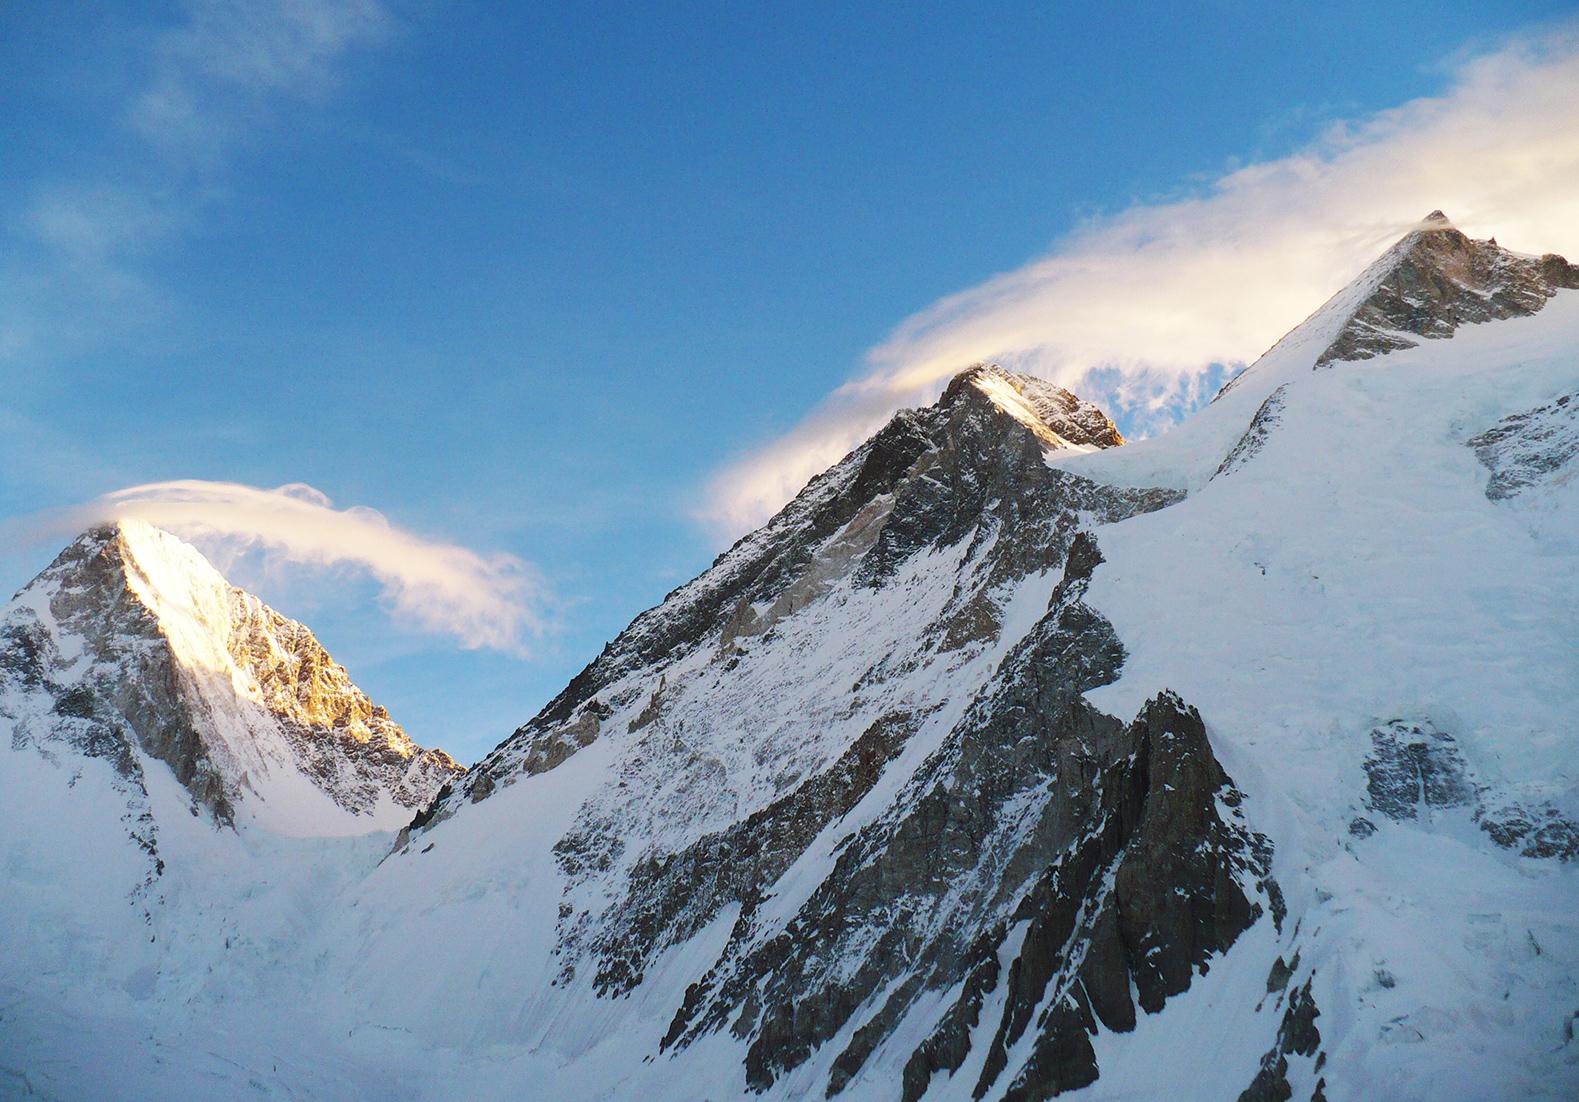 ガッシャブルムⅡ峰